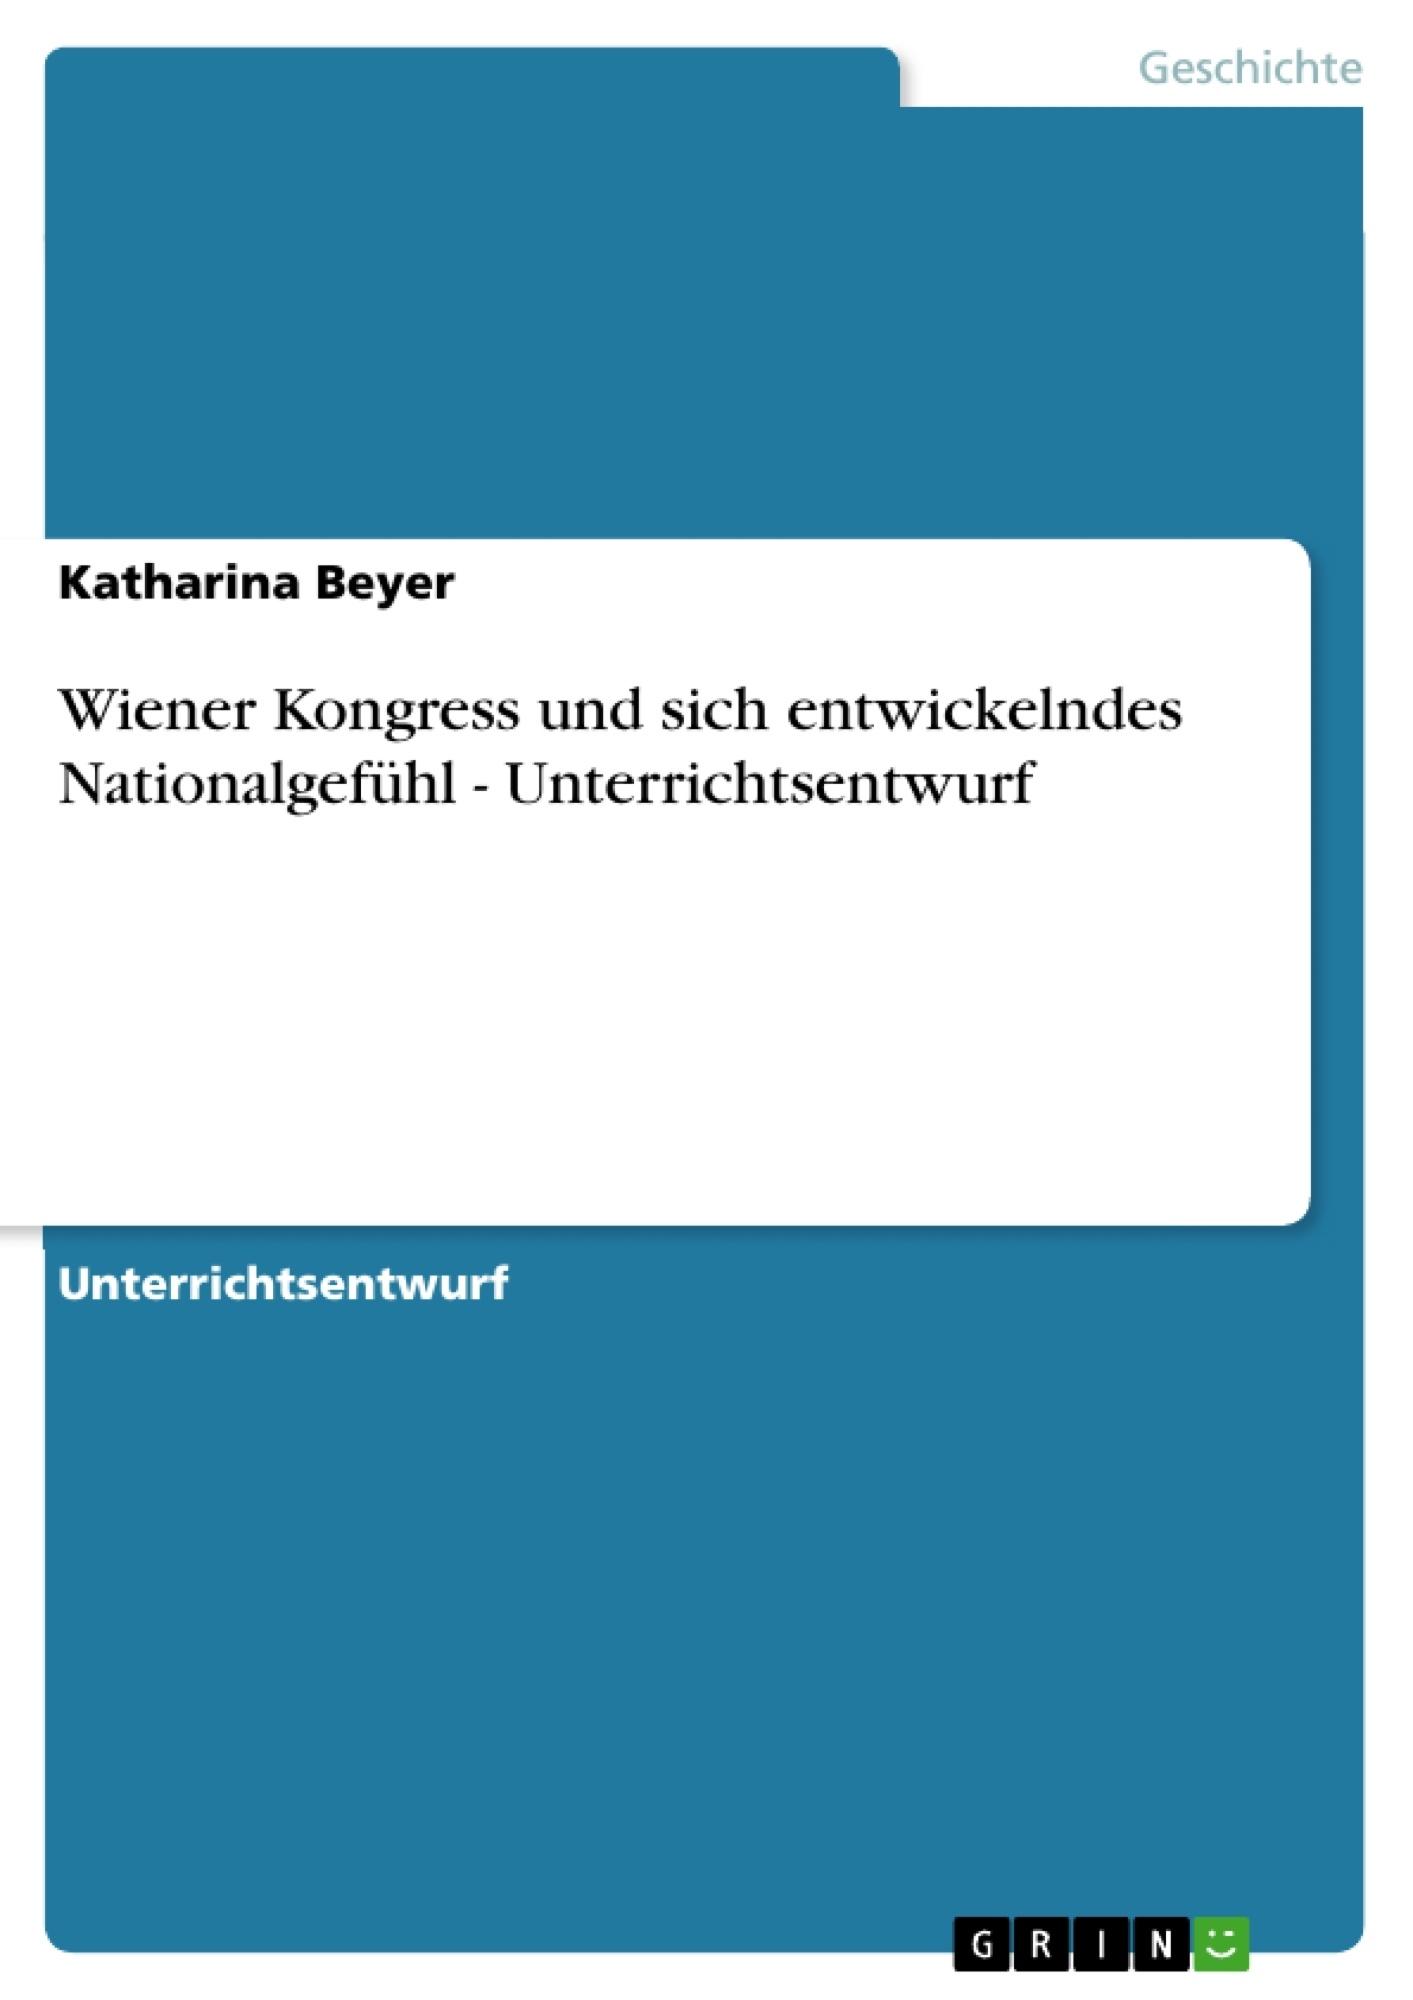 Titel: Wiener Kongress und sich entwickelndes Nationalgefühl - Unterrichtsentwurf